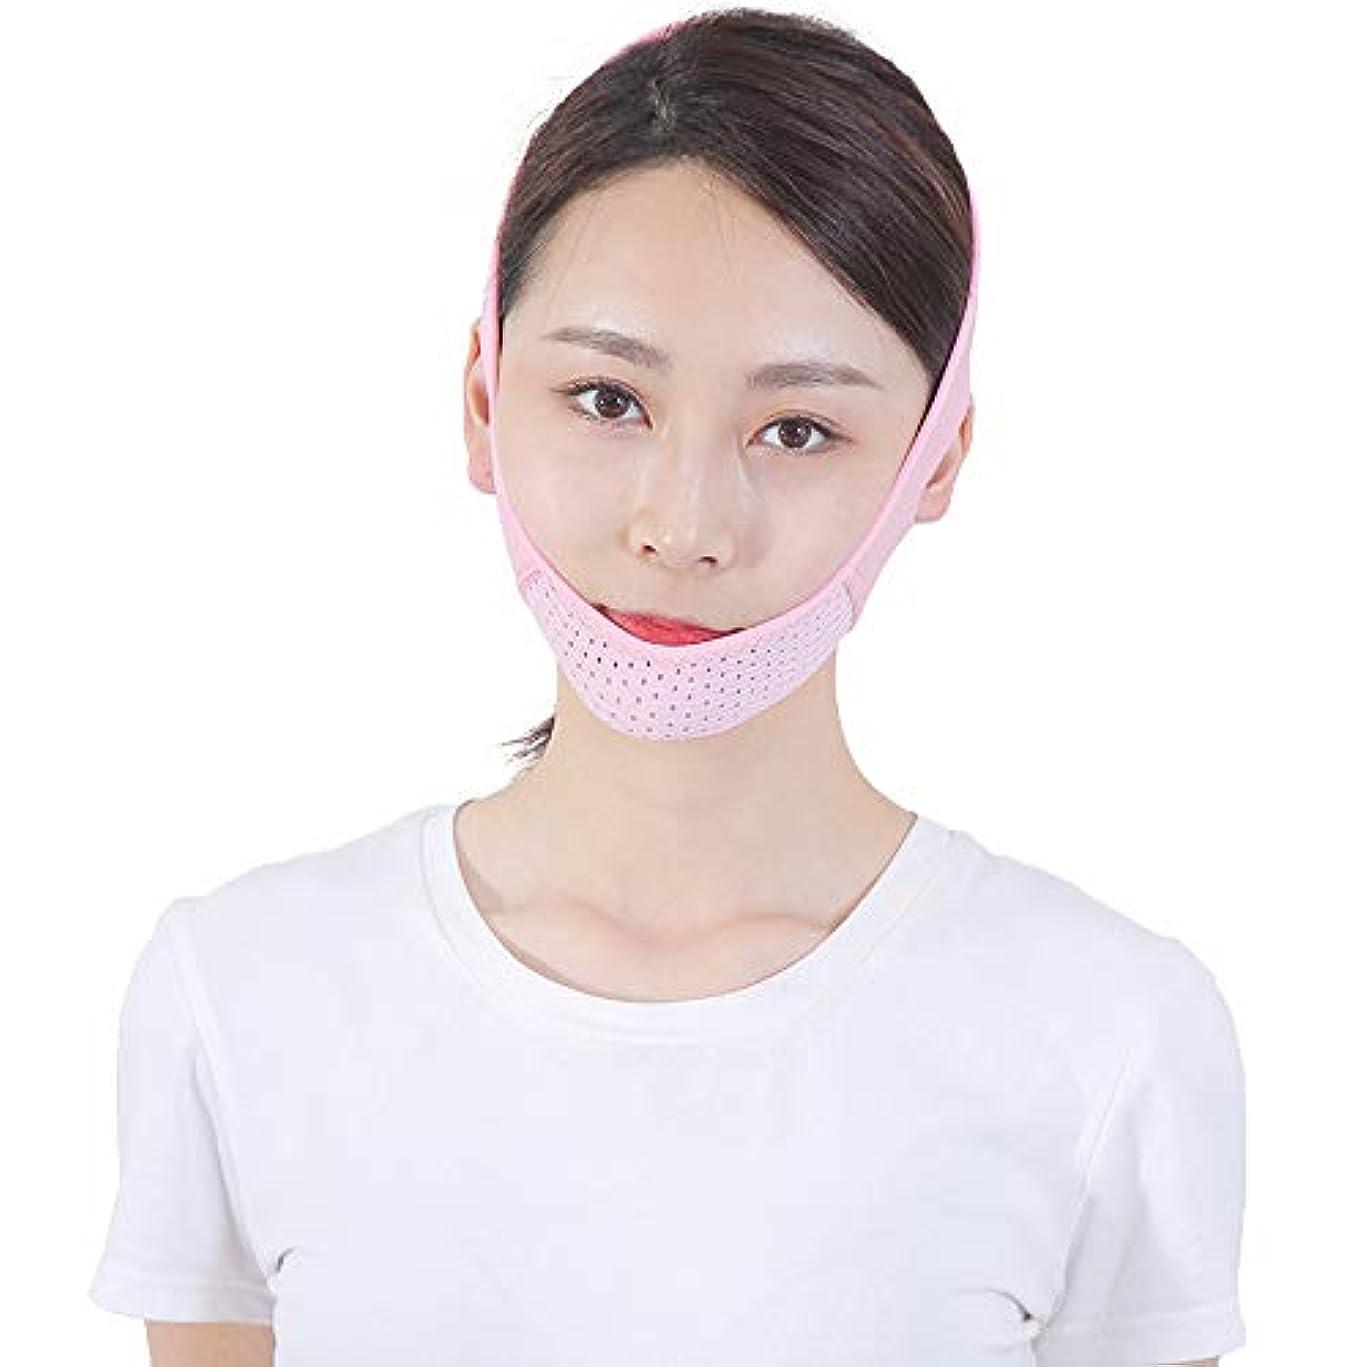 スタジアムヶ月目エネルギー薄い顔のベルト - 薄い顔のベルト 顔の包帯ダブルチンの顔リフトの人工物Vのフェイスベルト薄い顔のマスク 美しさ